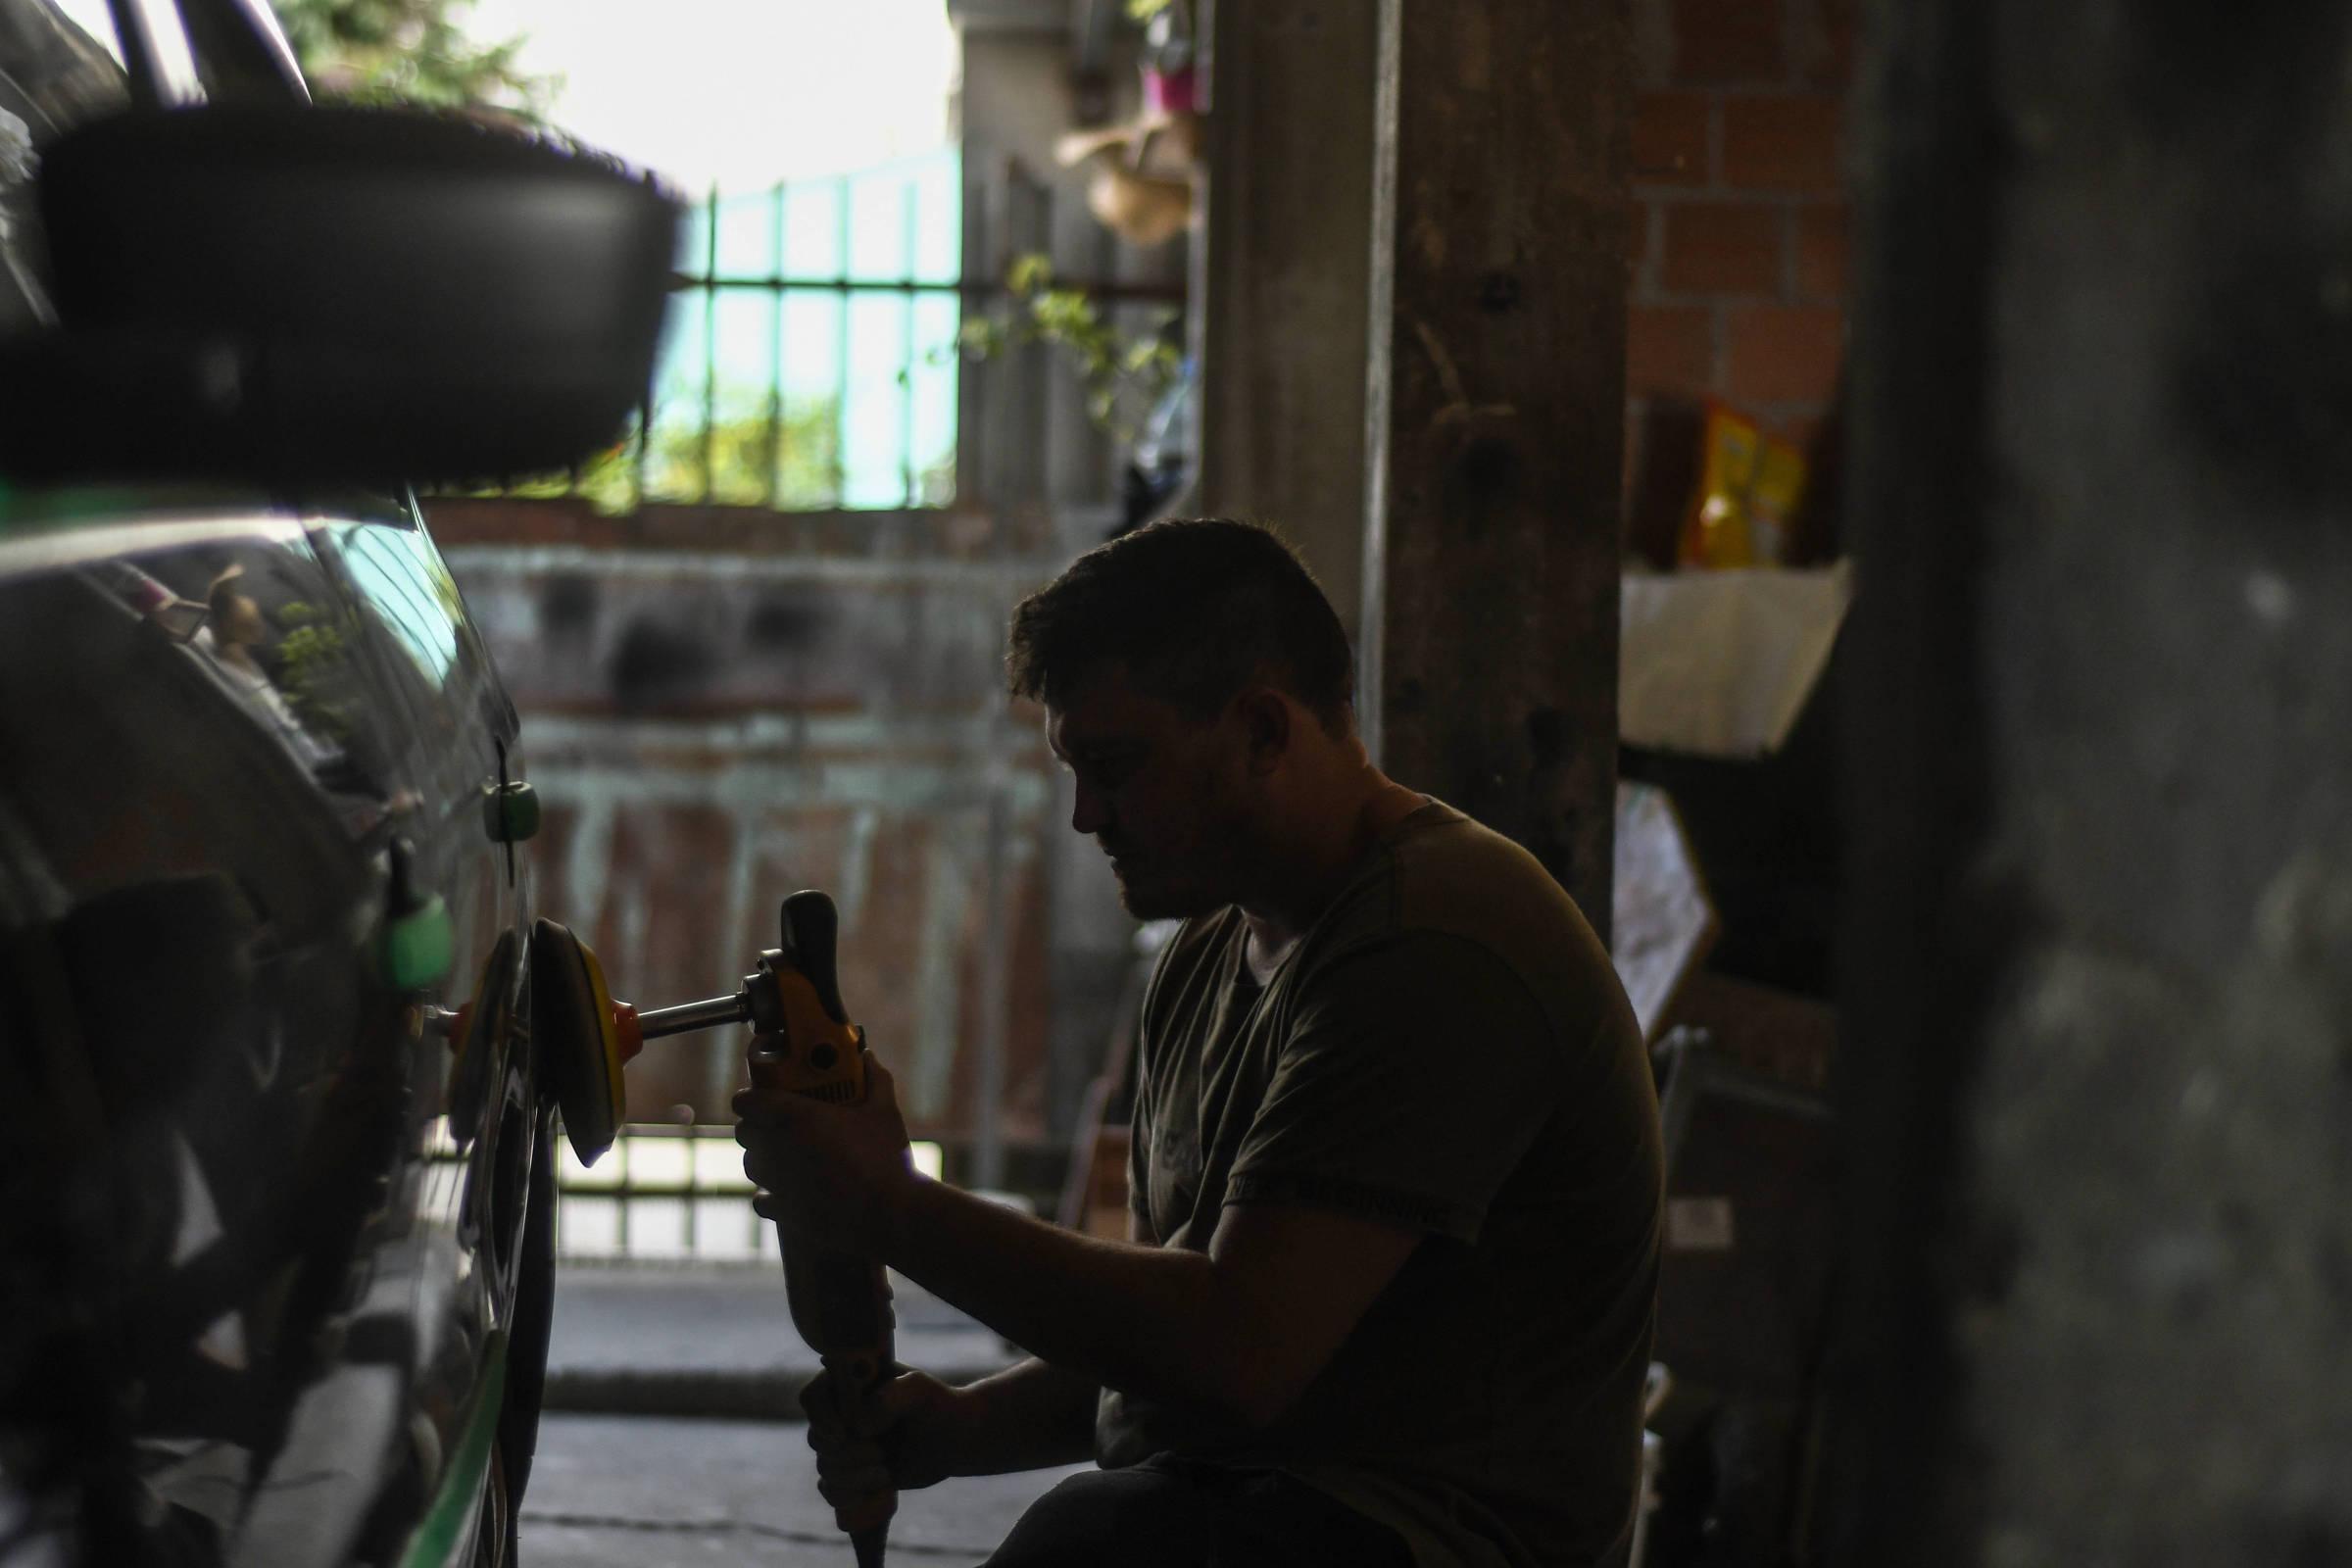 Carlos Roberto Jusviaki trabalhando em sua oficina, em Curitiba